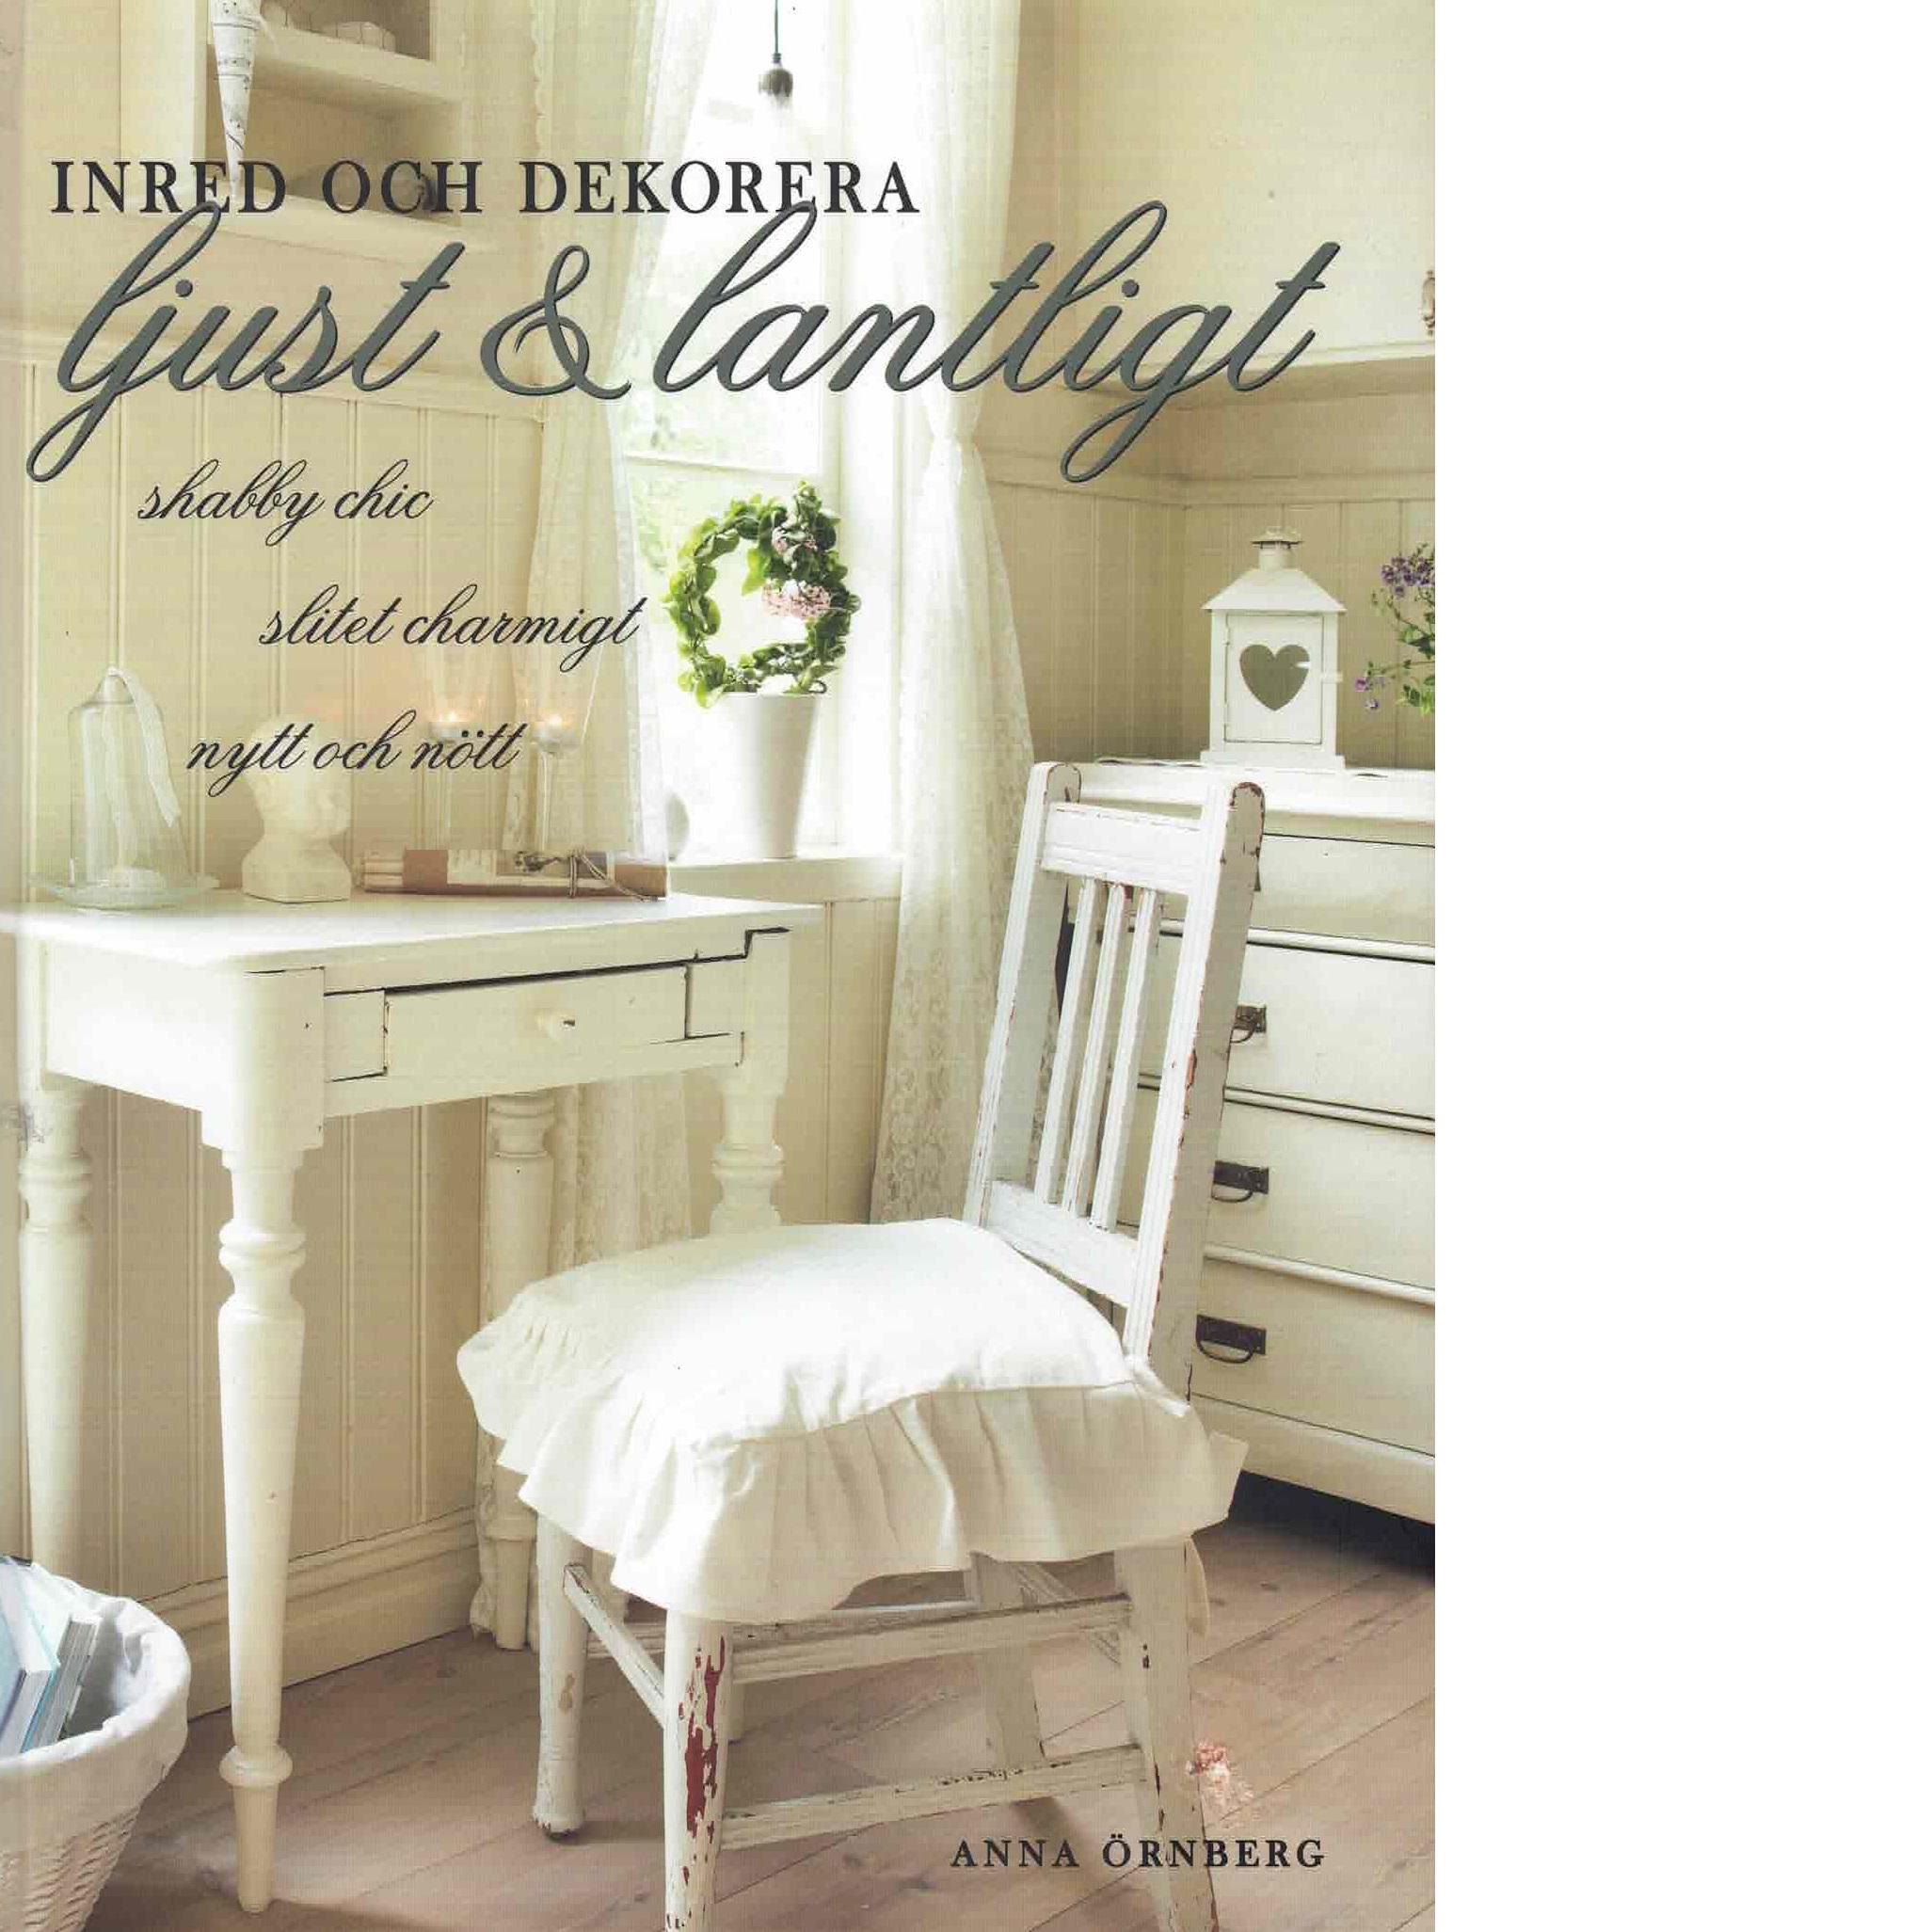 Inred och dekorera ljust & lantligt : shabby chic, slitet charmigt, nytt och nött - Örnberg, Anna